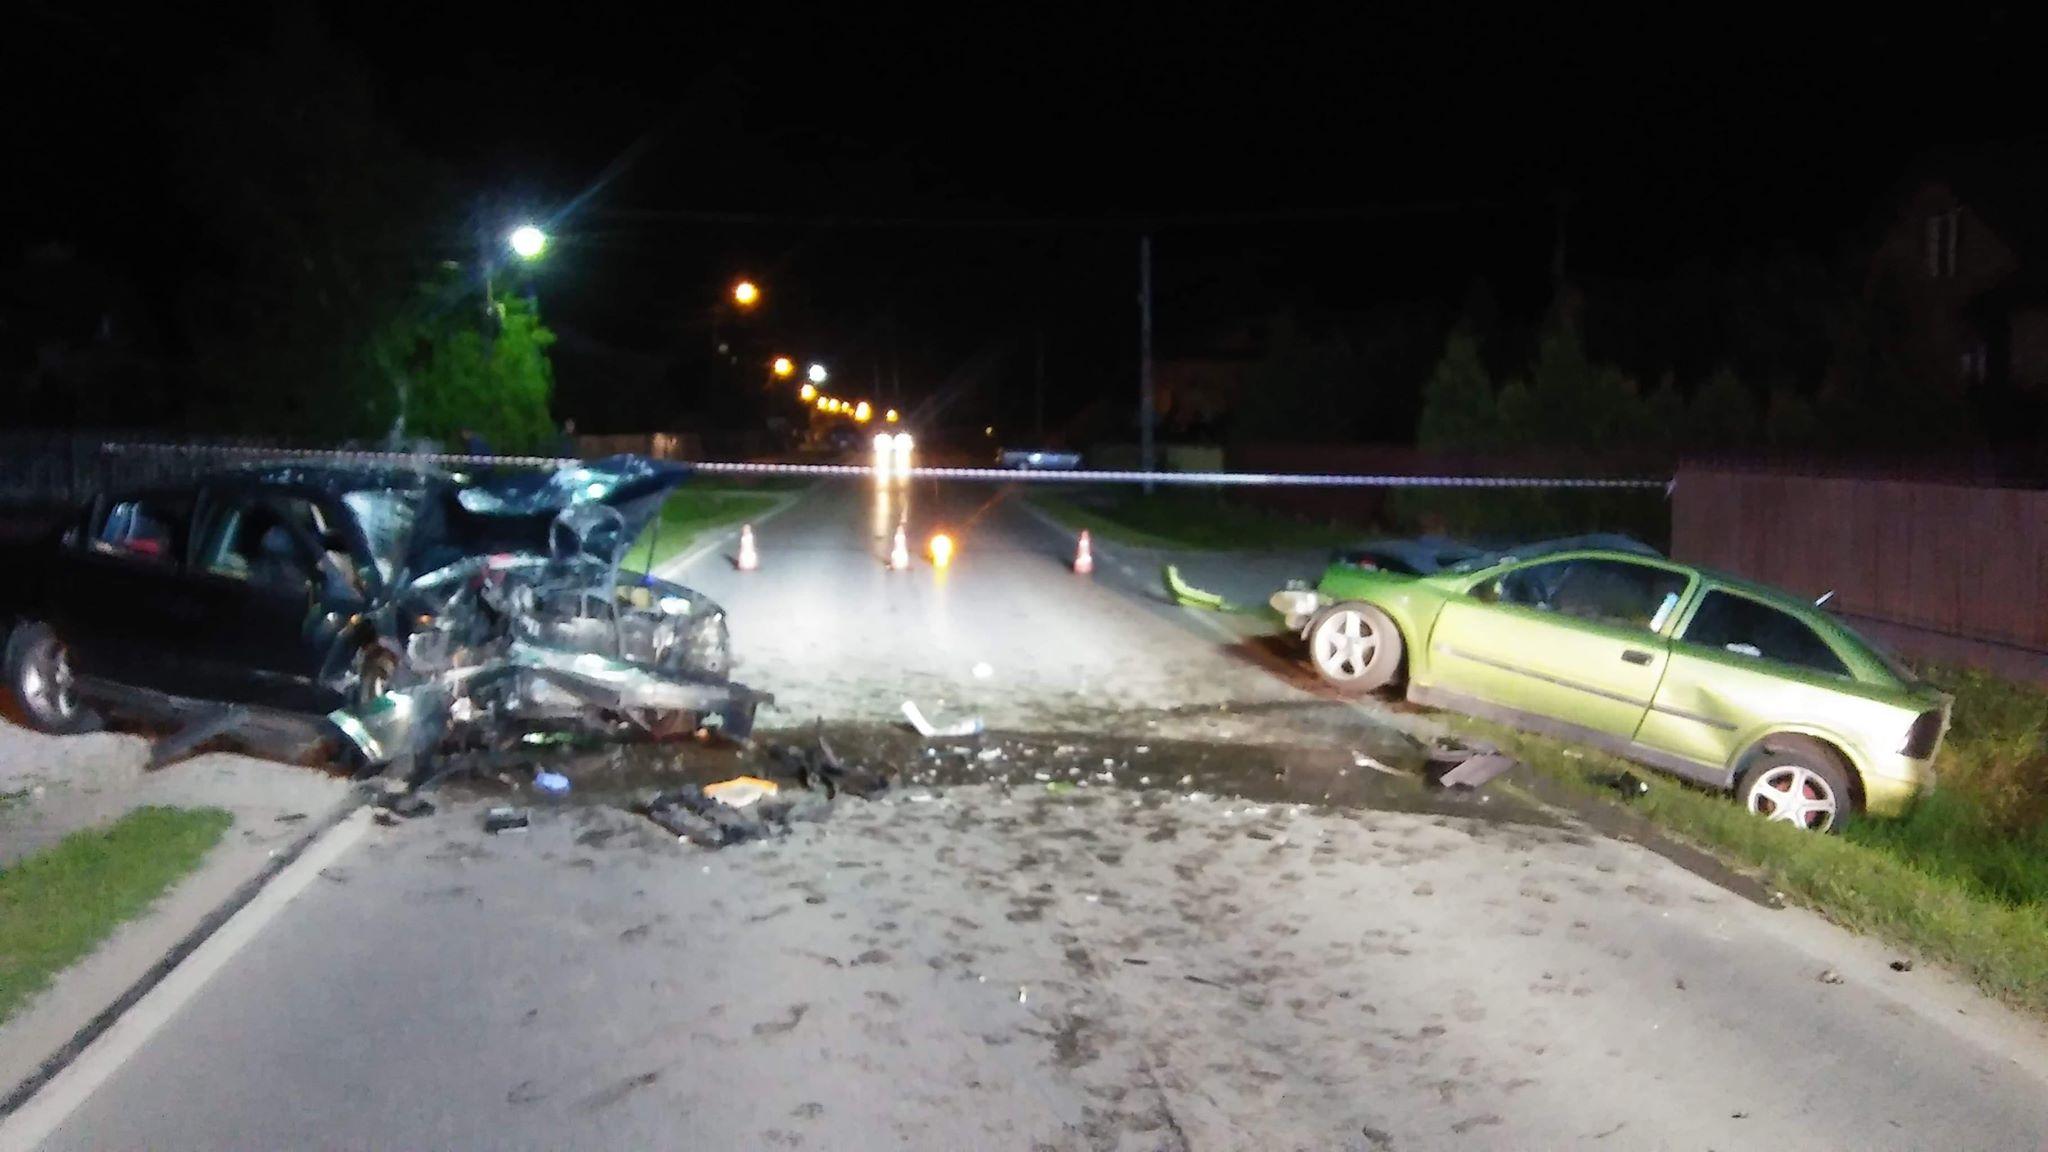 Niebezpieczny wypadek w Trzcianie. Droga całkowicie zablokowana [FOTO] - Zdjęcie główne